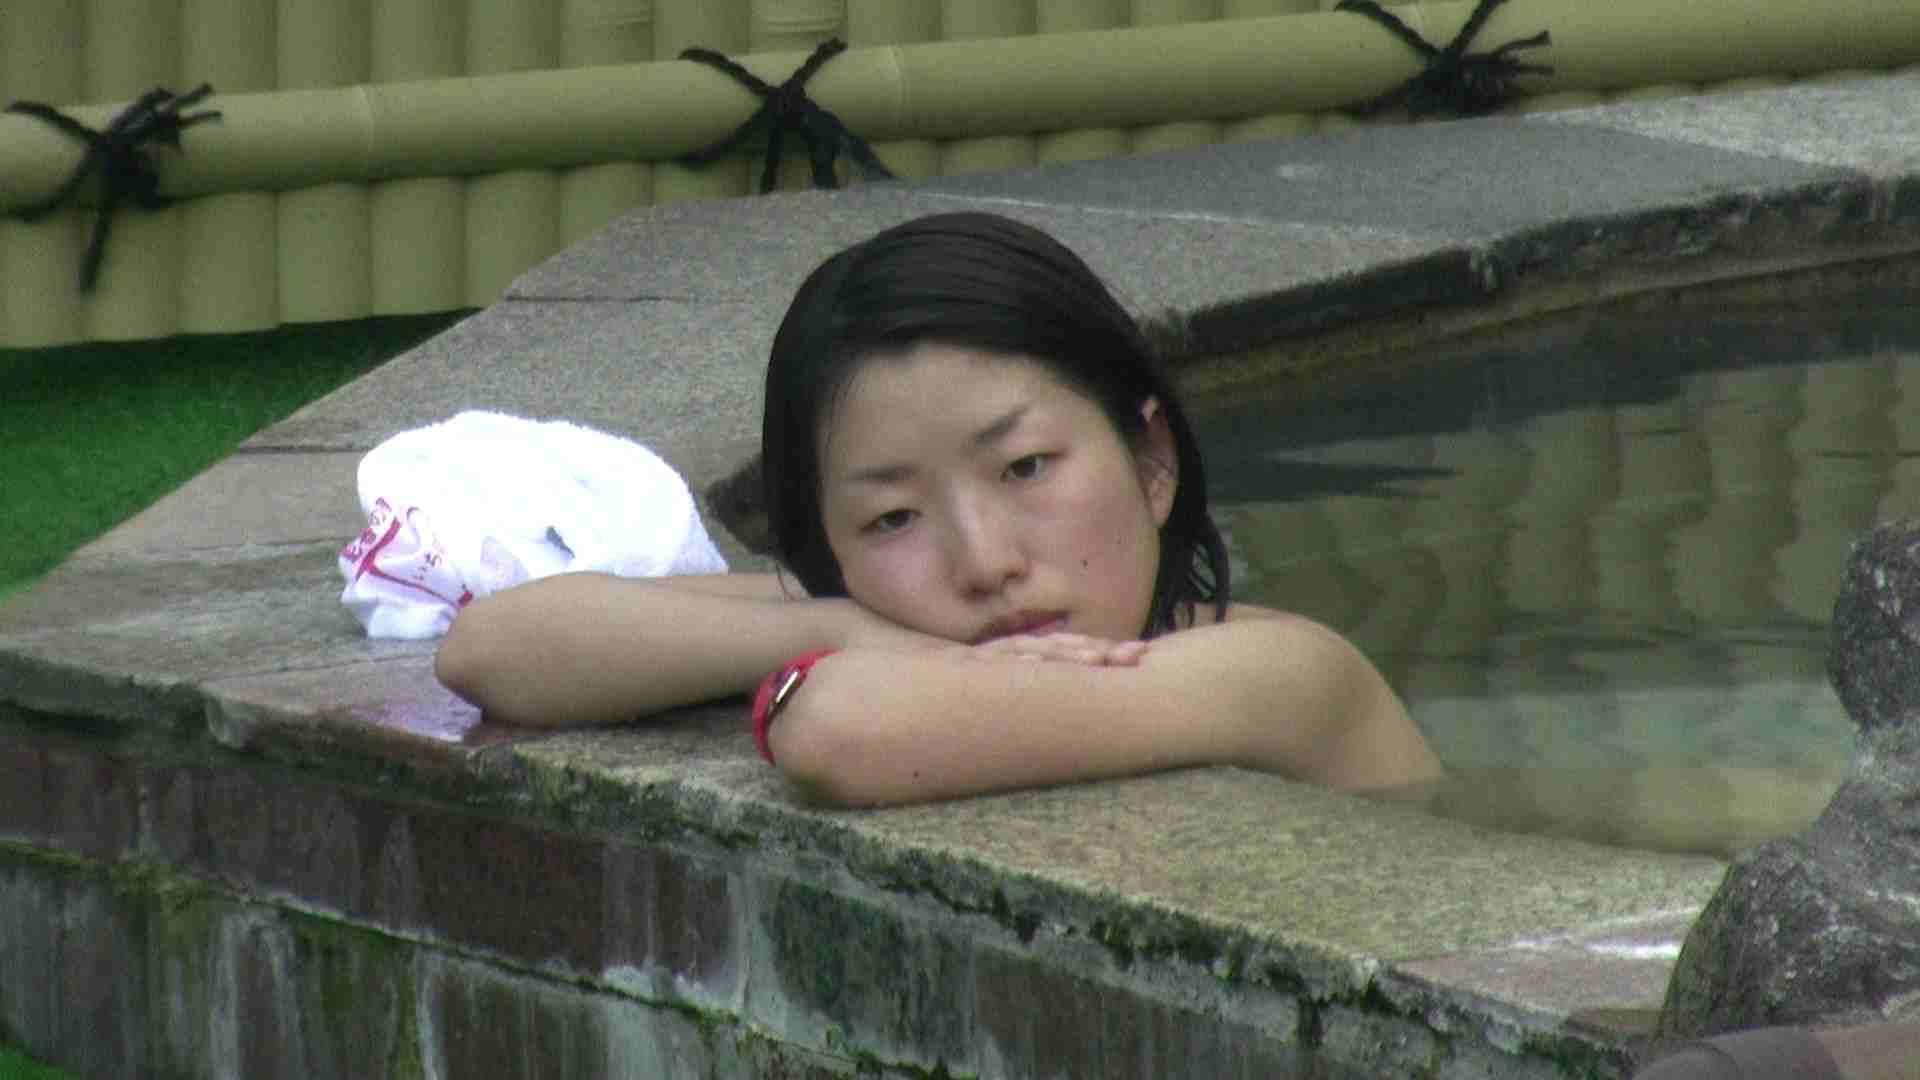 Aquaな露天風呂Vol.133 女体盗撮  41連発 21